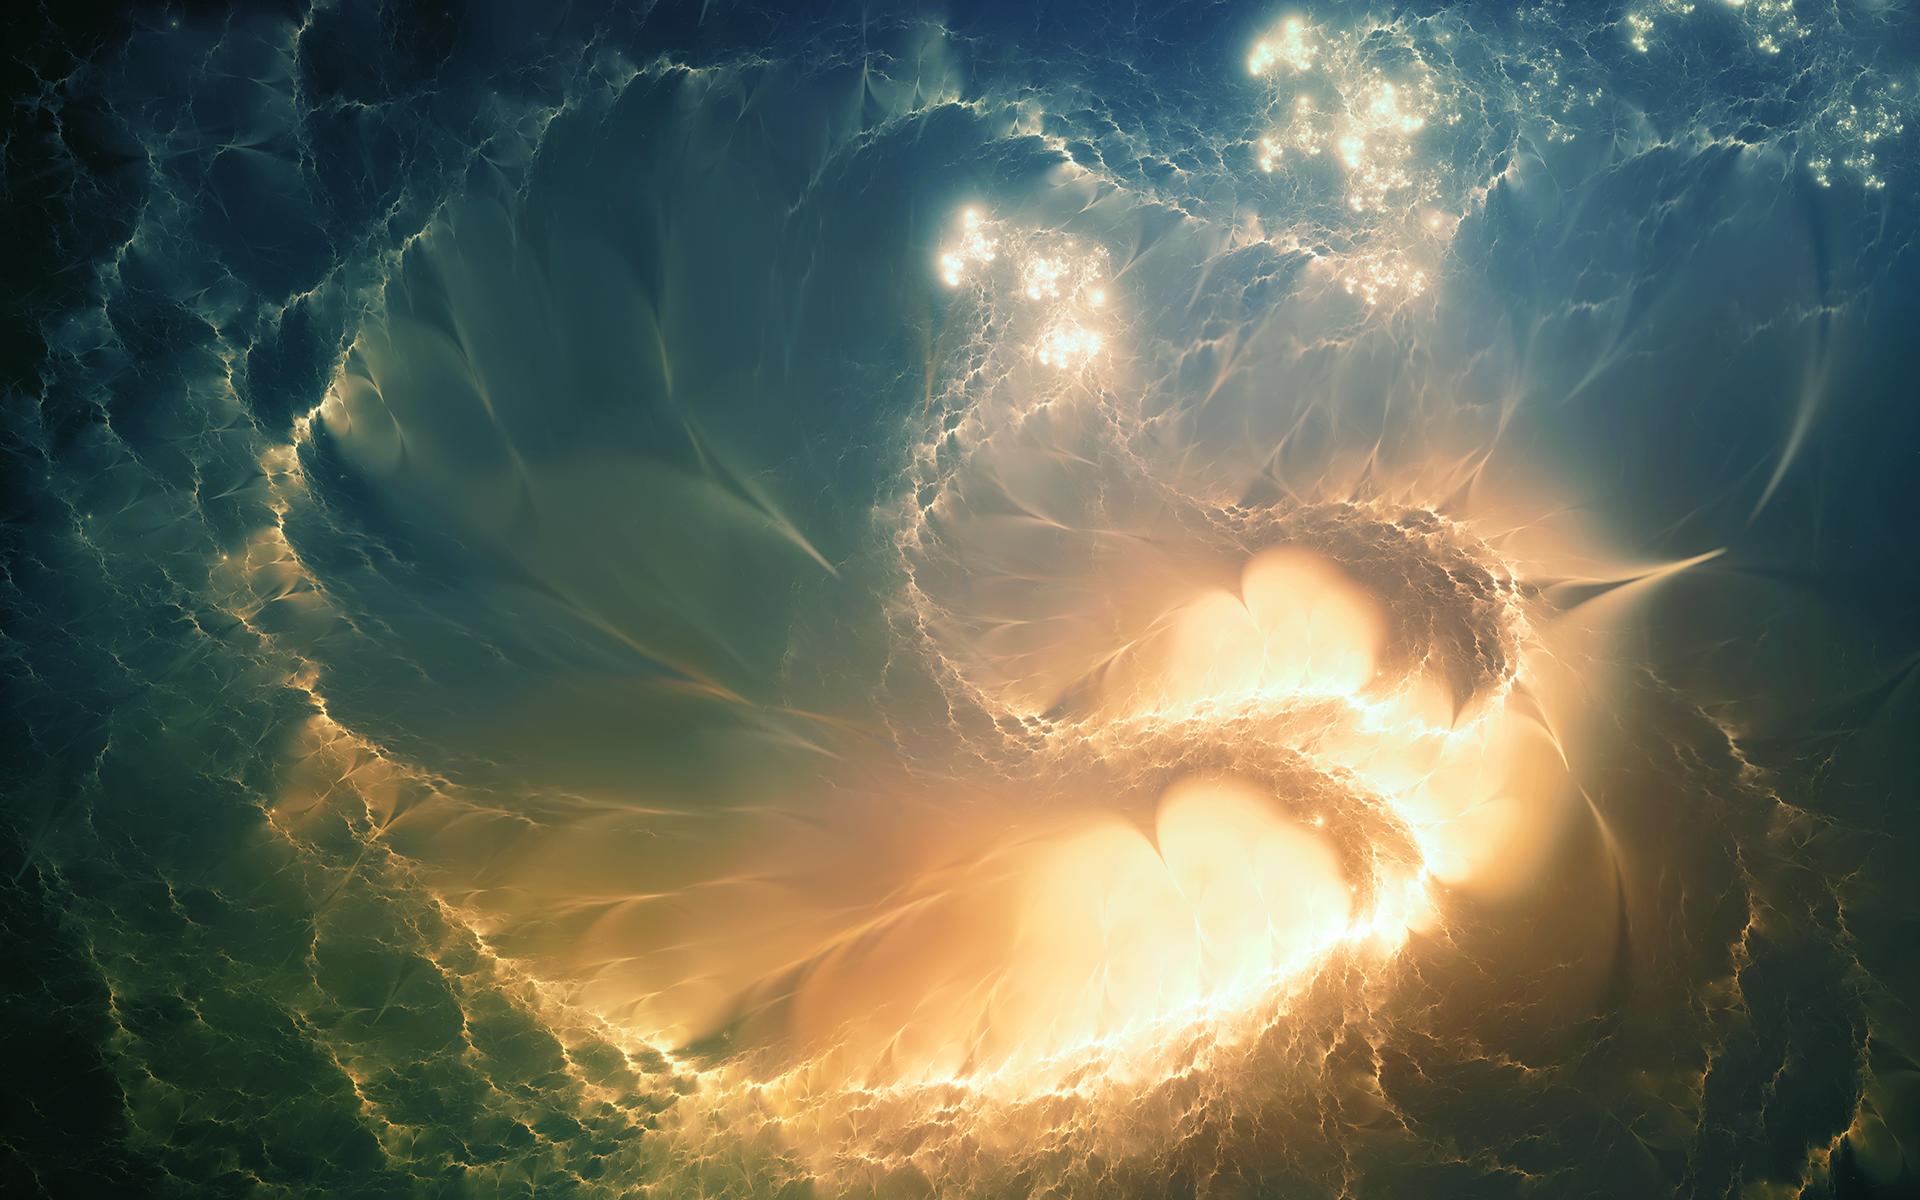 Inner Tempest by b33rheart